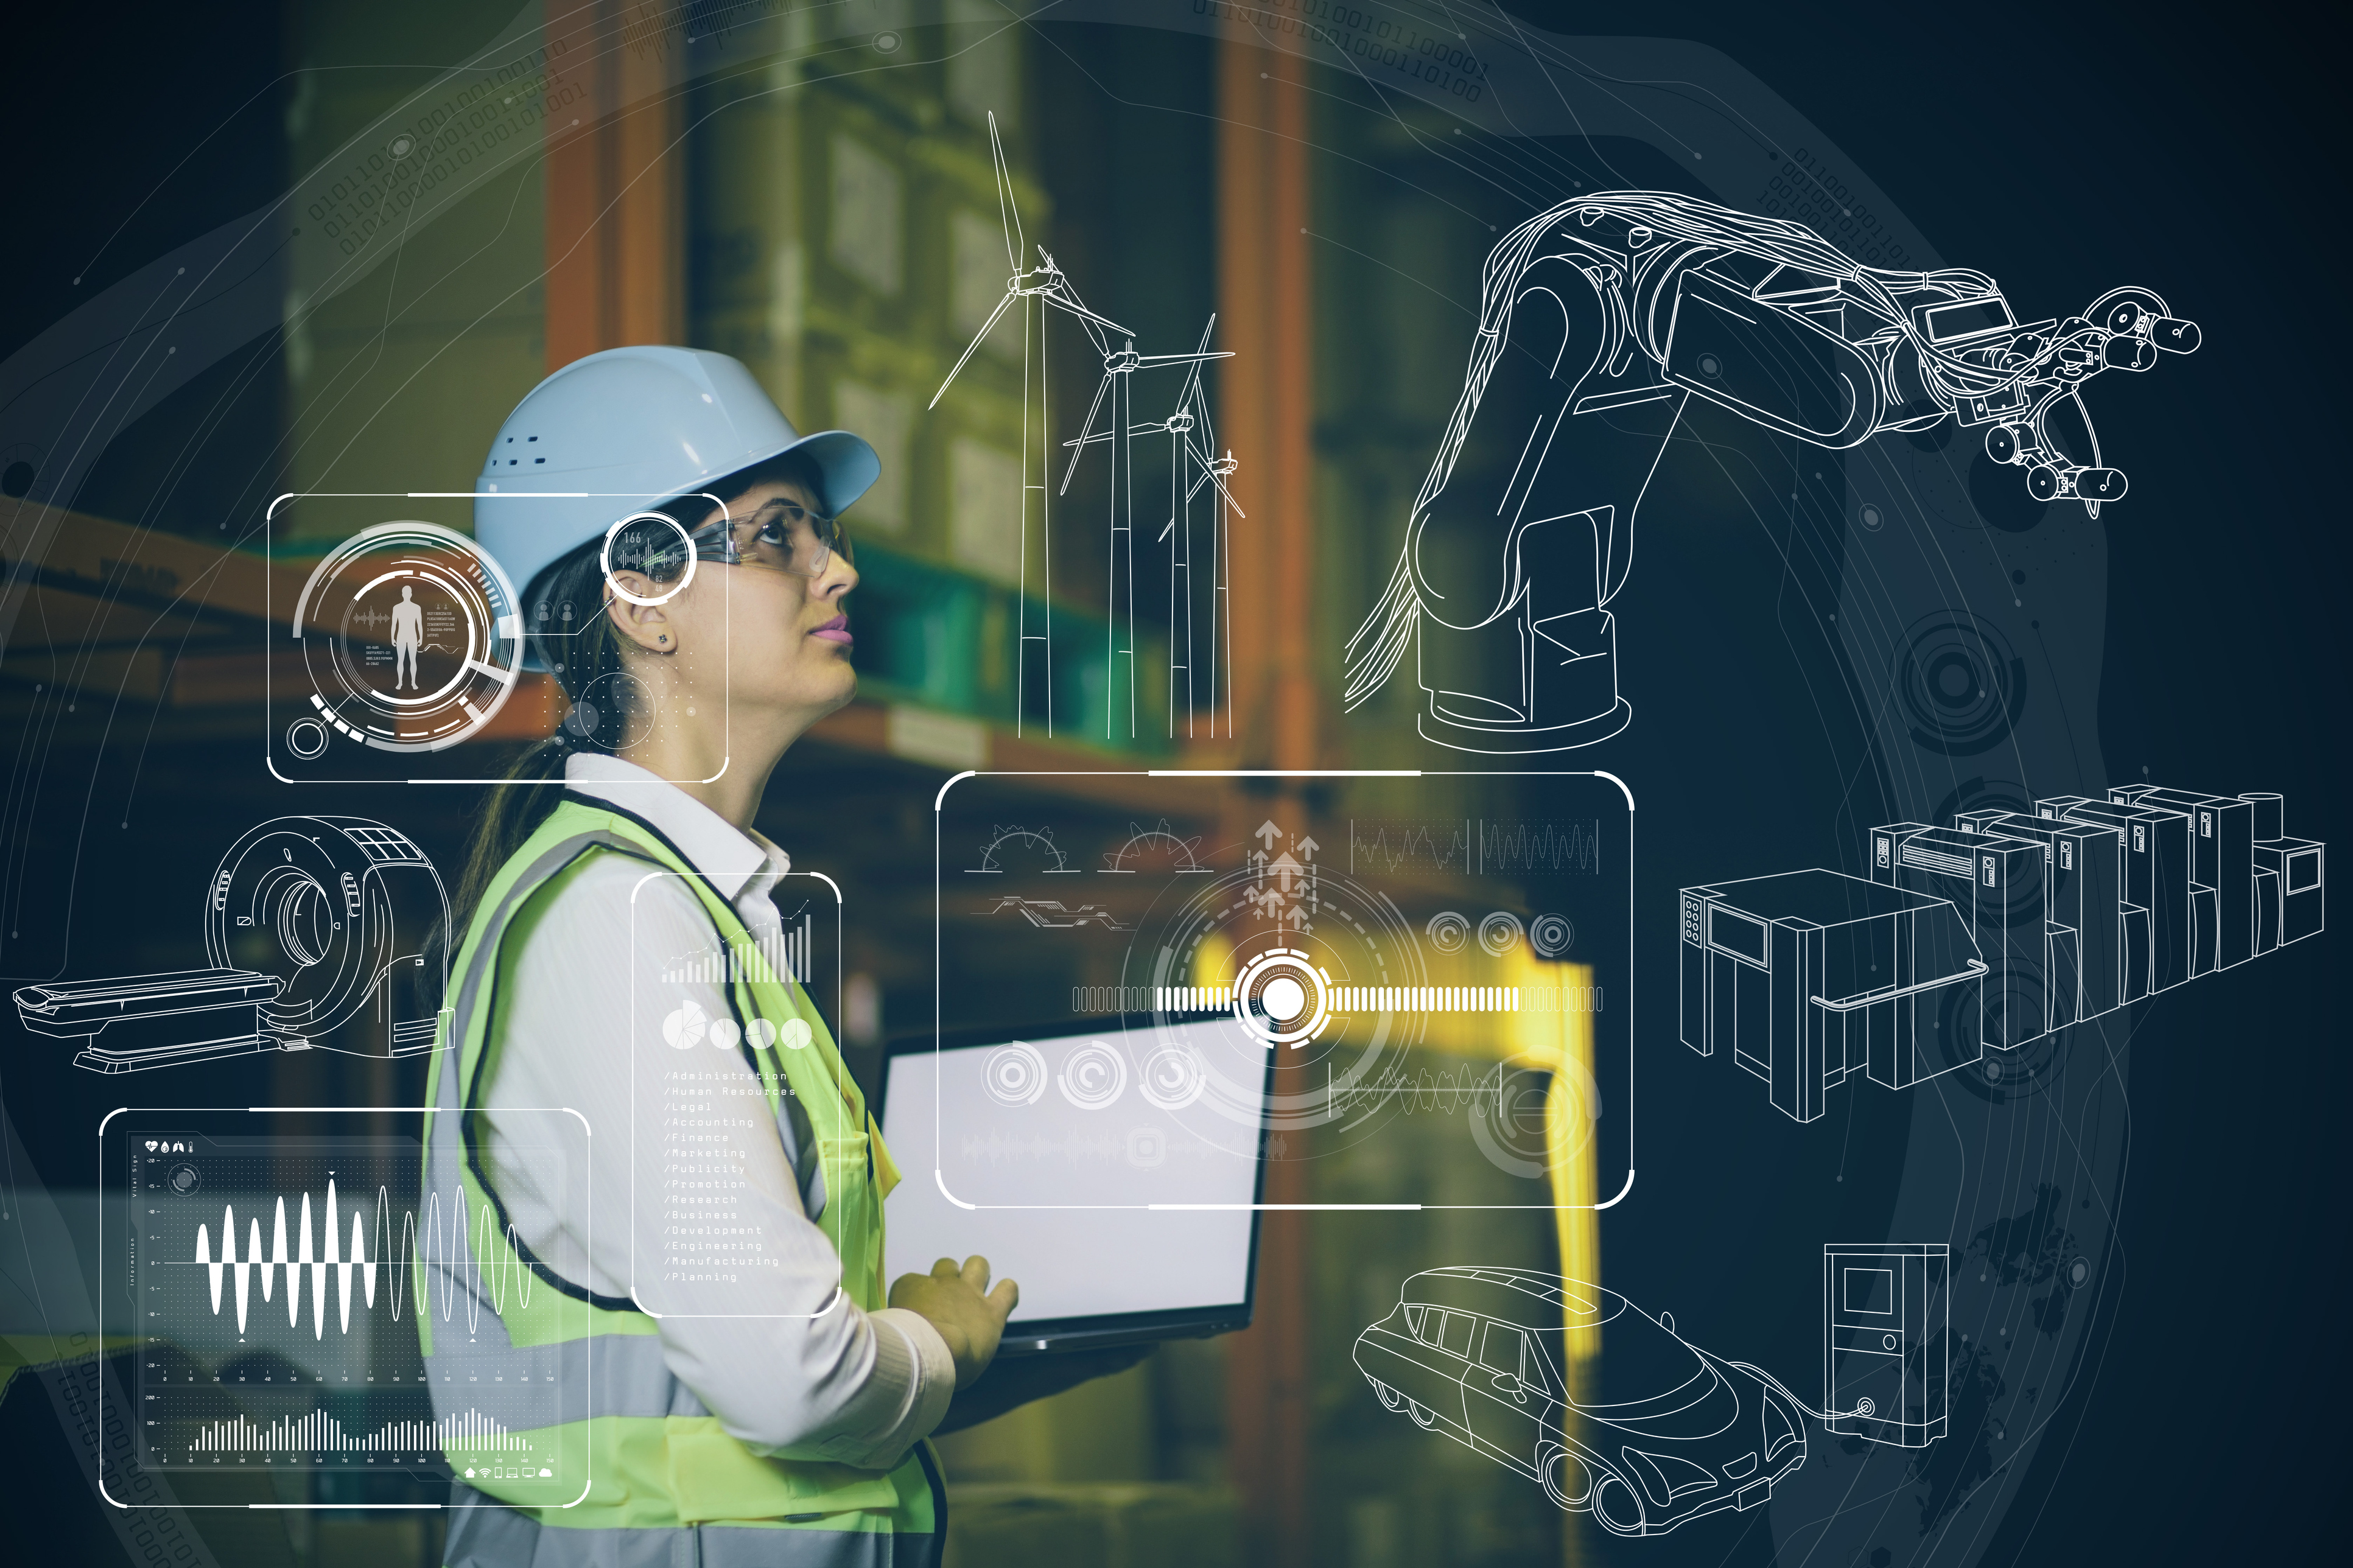 【外資系大手メーカー】ロボット工程設計エンジニア